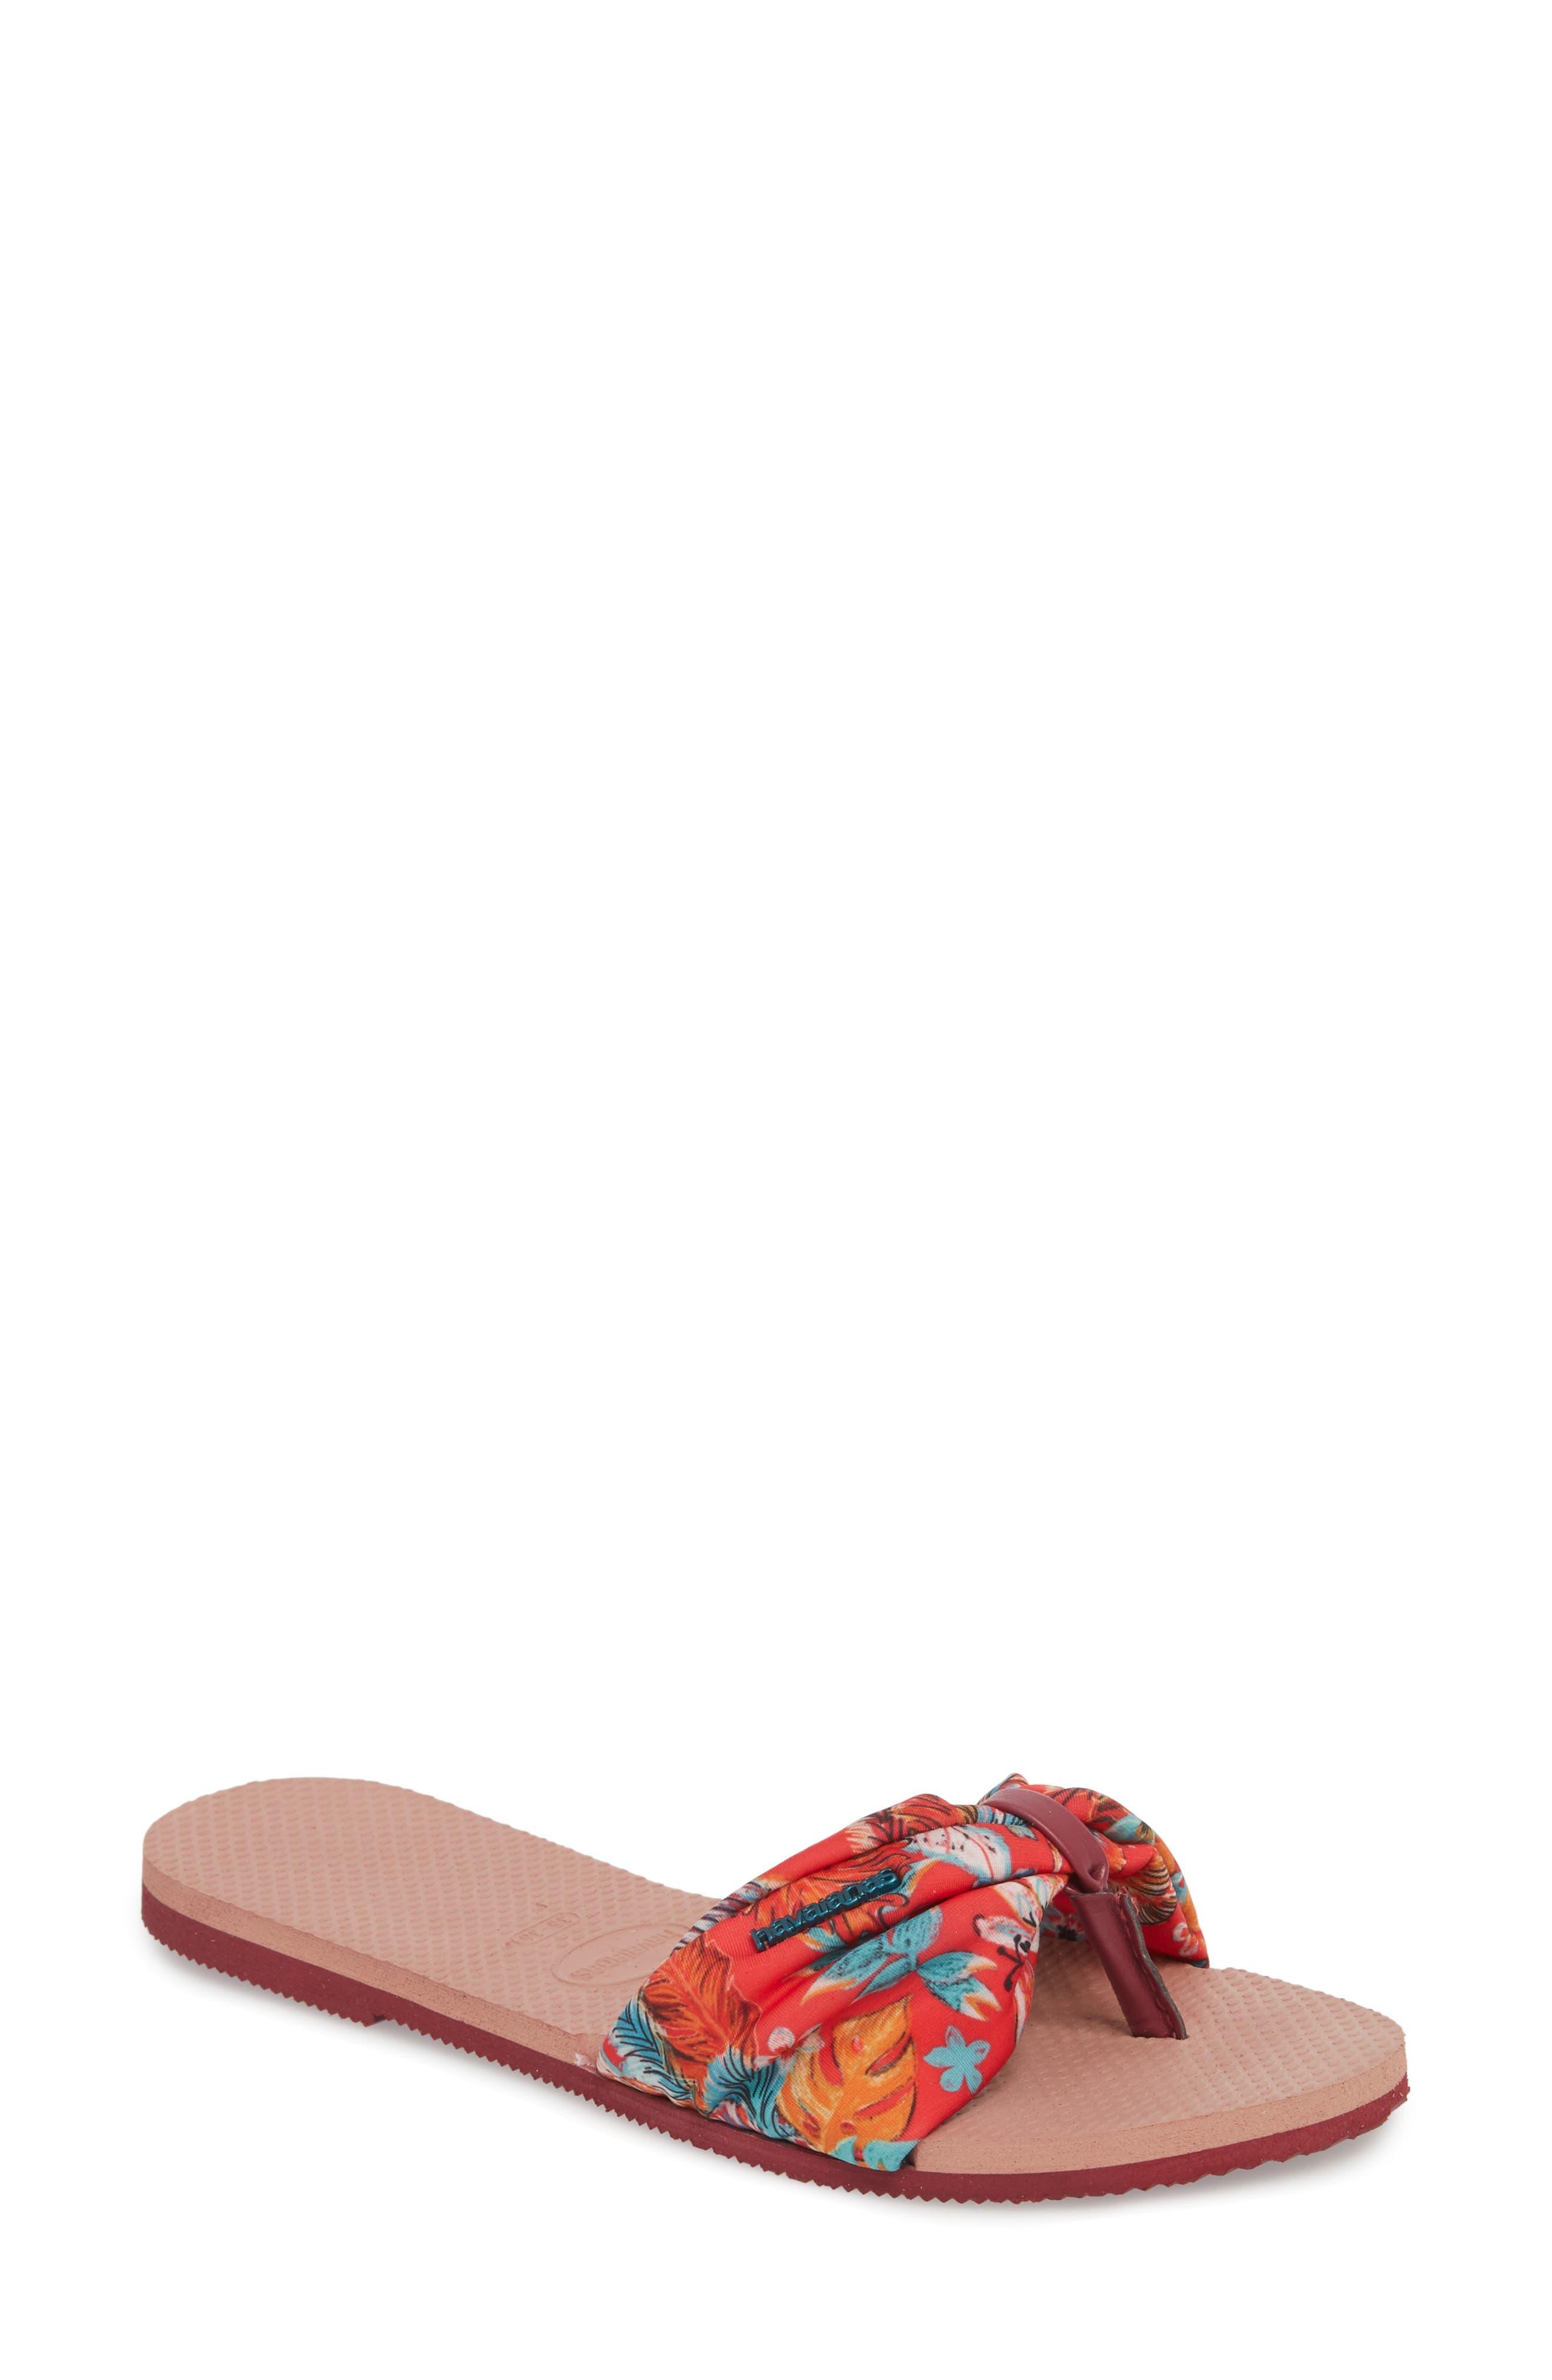 You Saint Tropez Textile Print Cinched Sandals